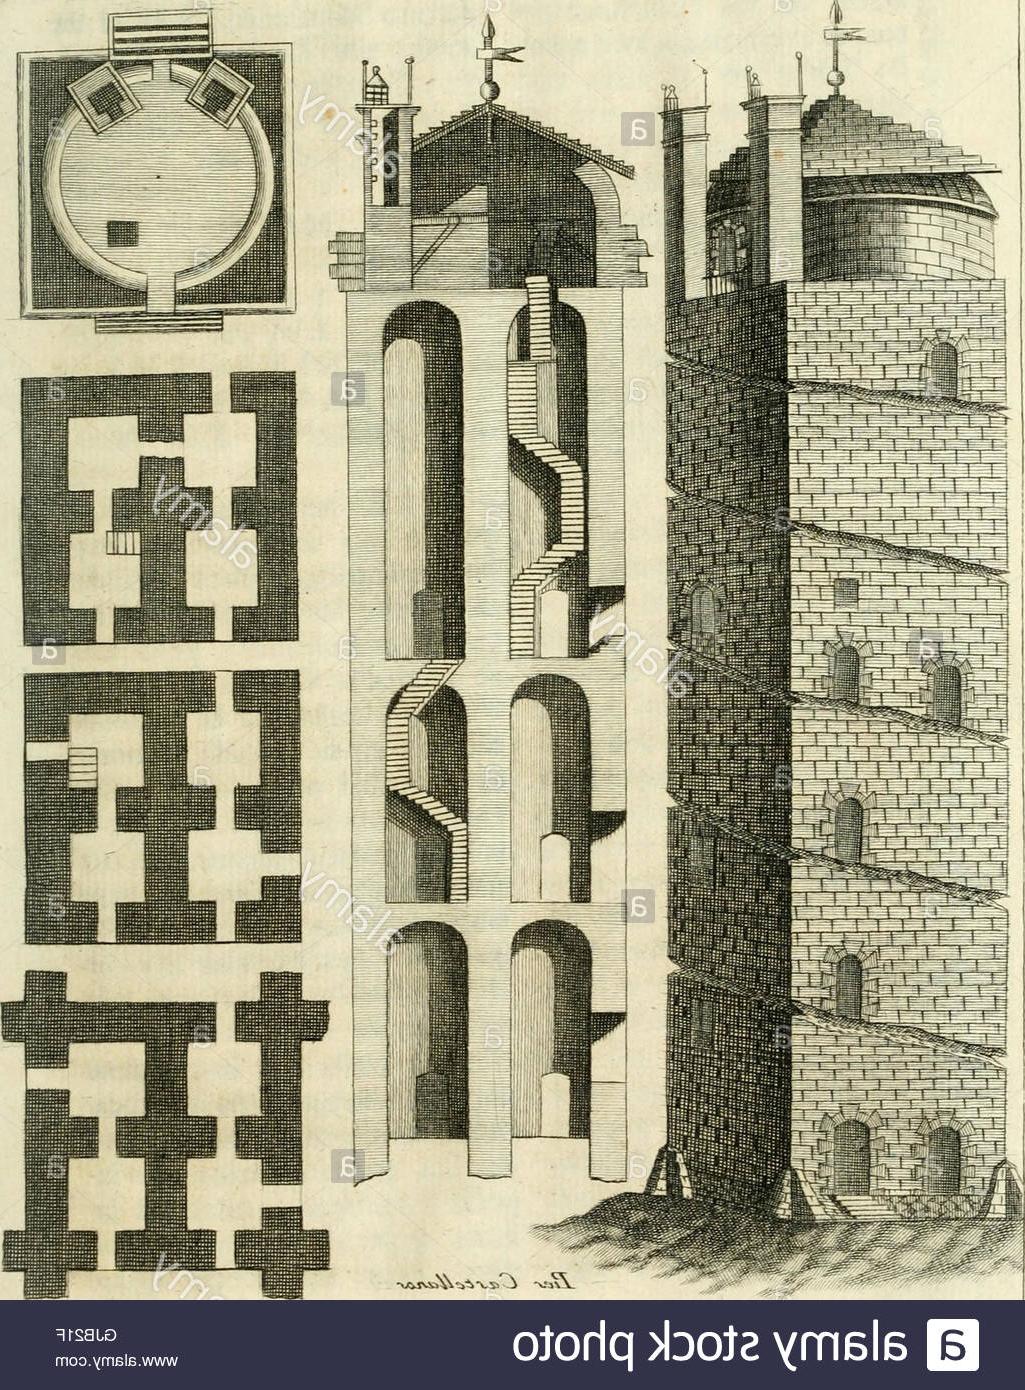 Silla España 87dx Espac3b1a Sagrada theatro Geographico Historico De La Iglesia De